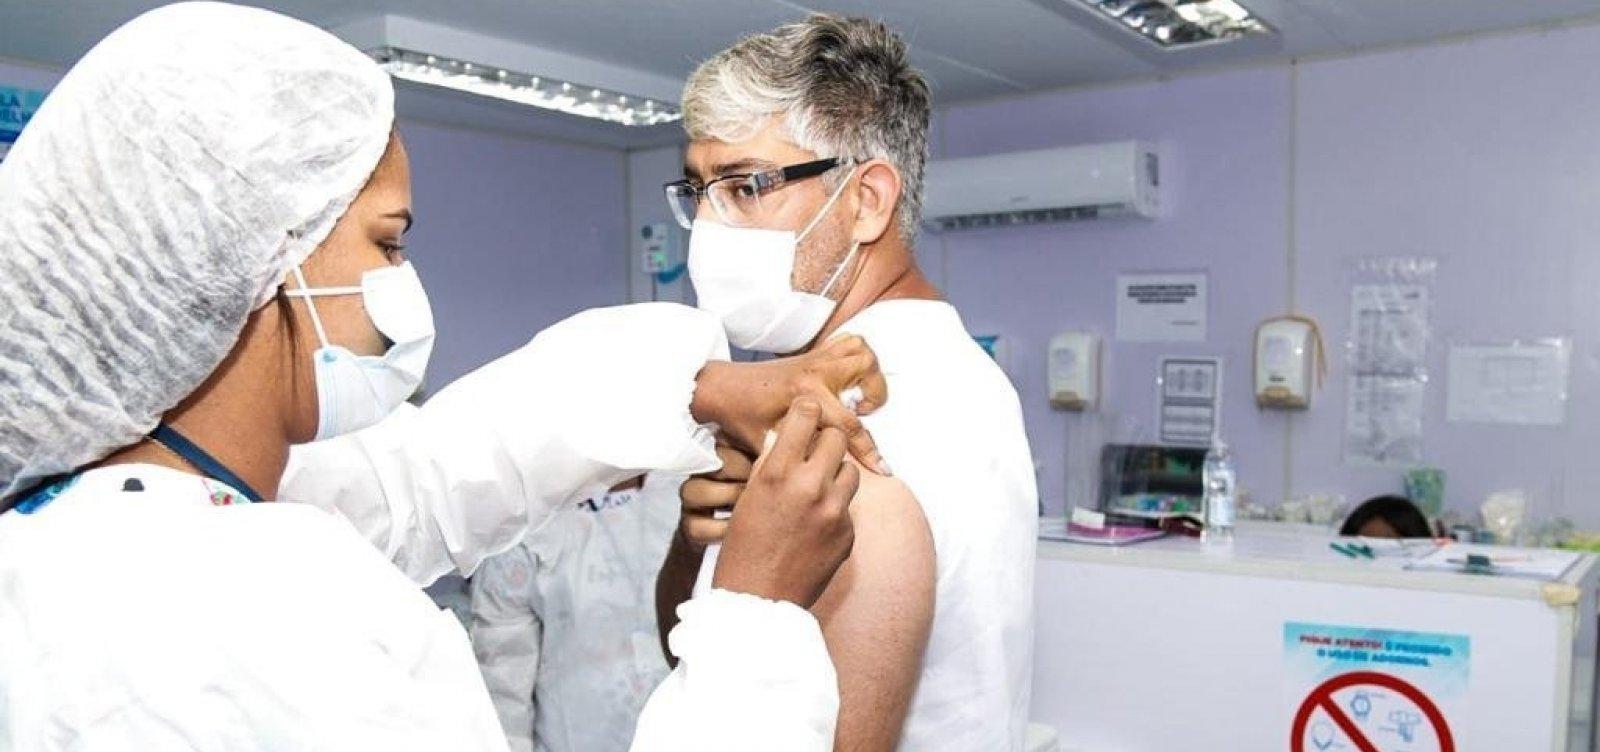 [Covid-19: Trabalhadores da saúde da Ilha de Bom Jesus dos Passos recebem vacina ]